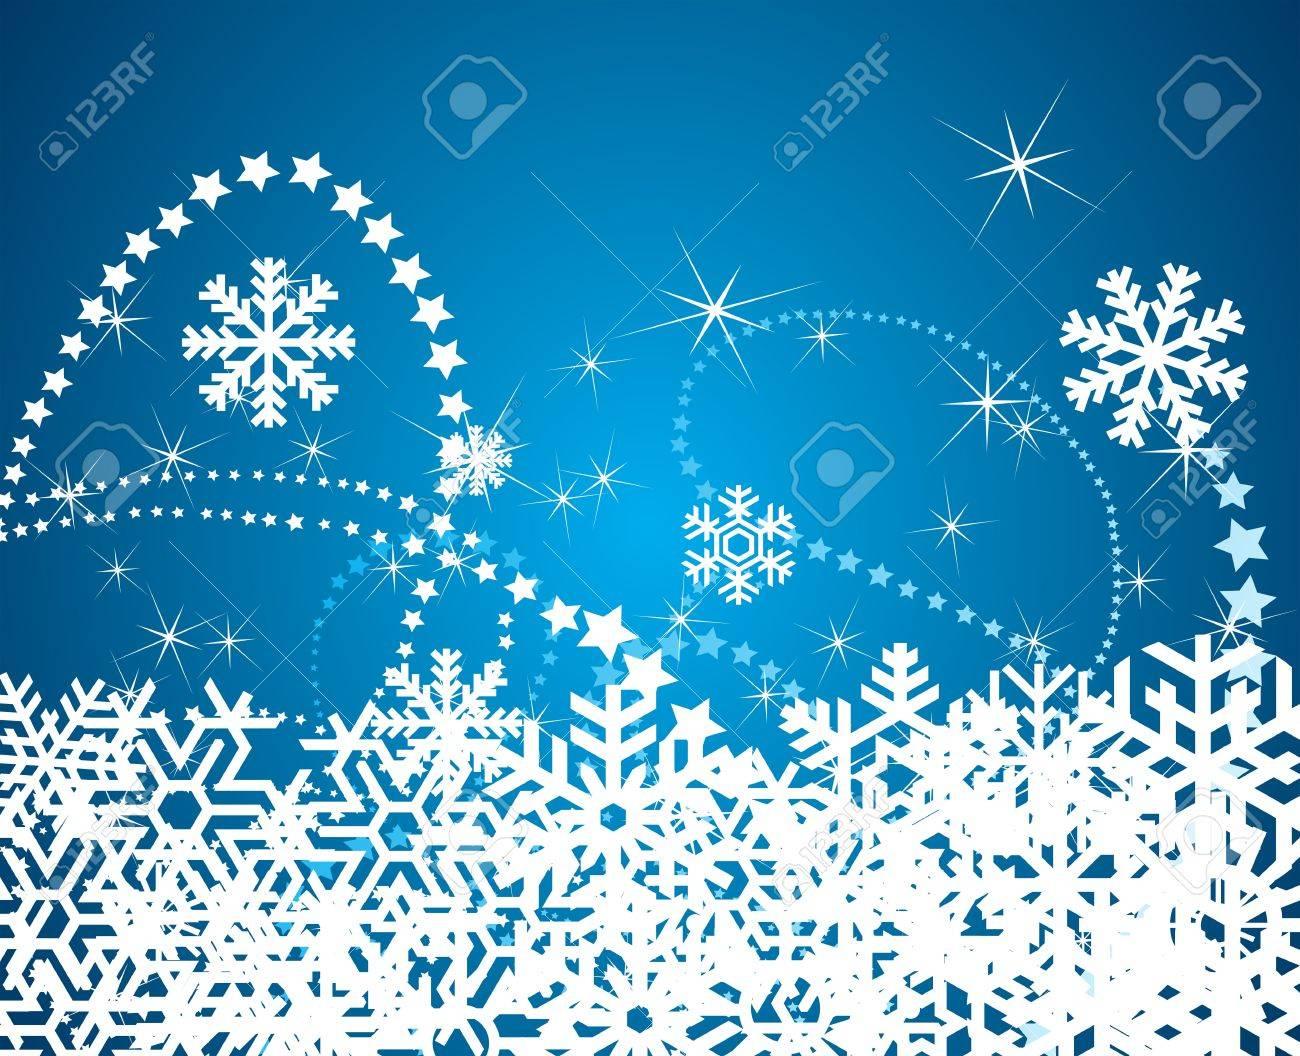 クリスマス雪背景イラスト ロイヤリティフリークリップアート、ベクター